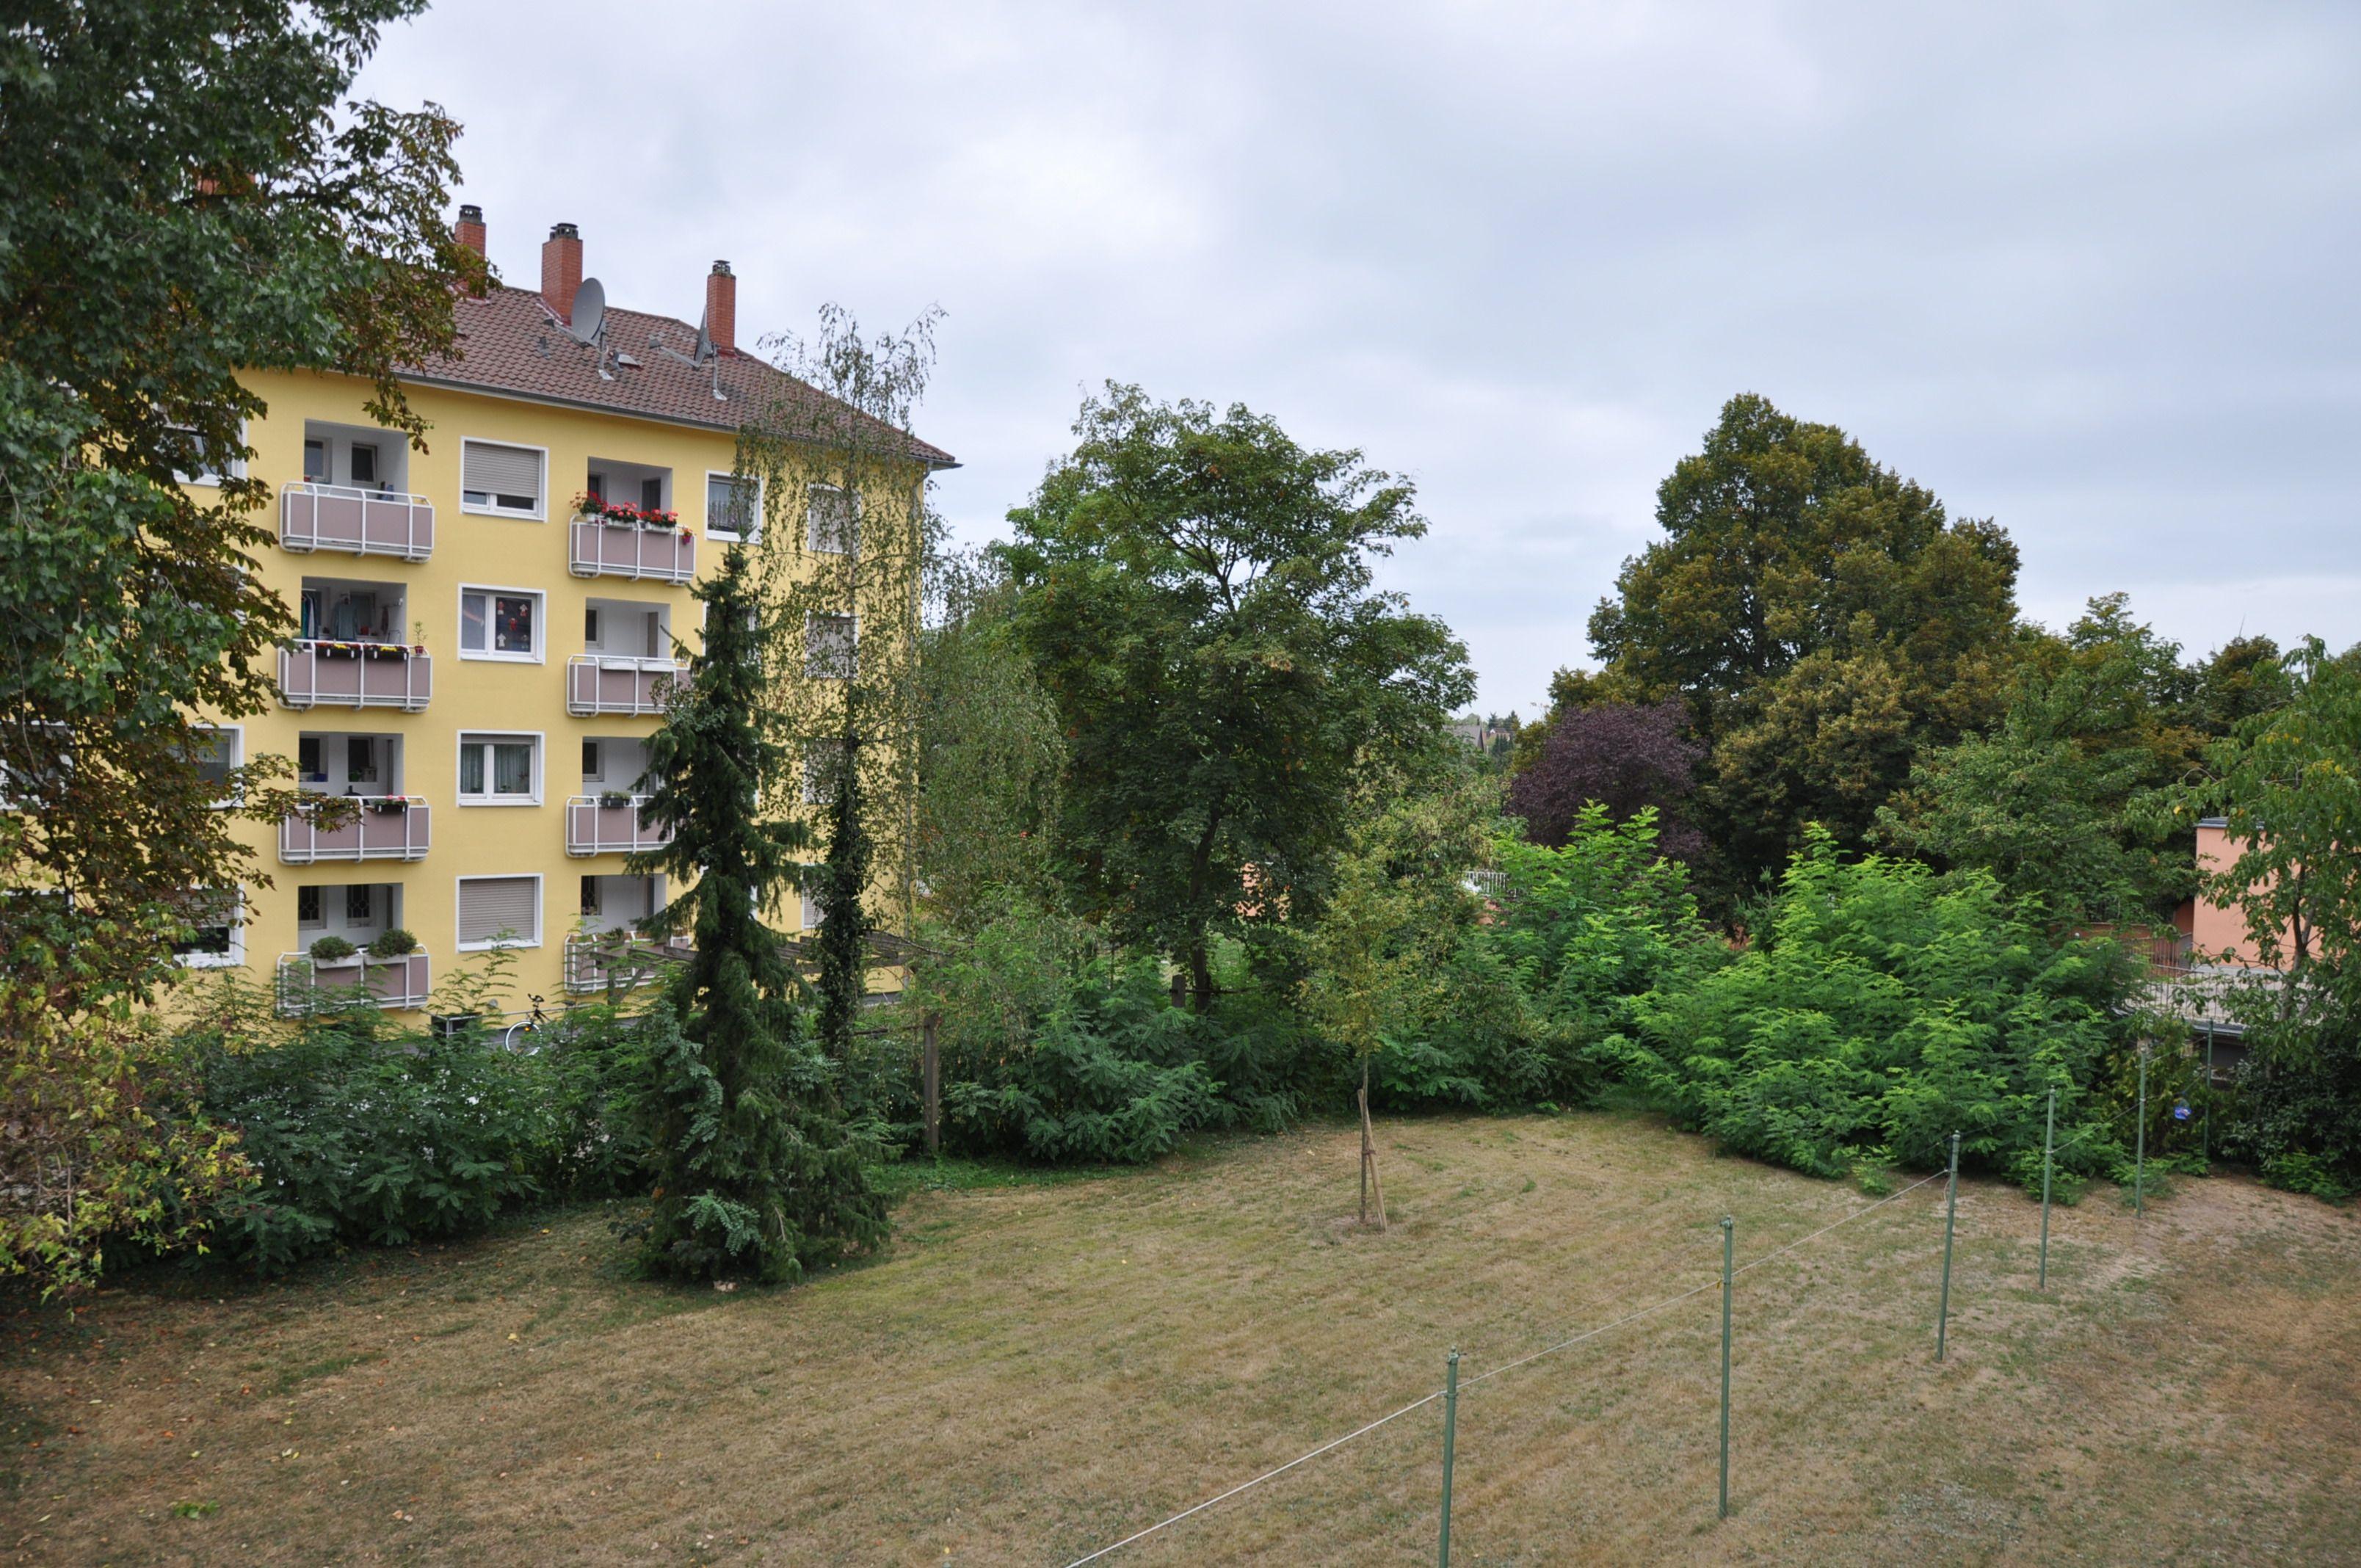 2,5ZimmerEtagenwohnung in Karlsruhe Aussicht (mit